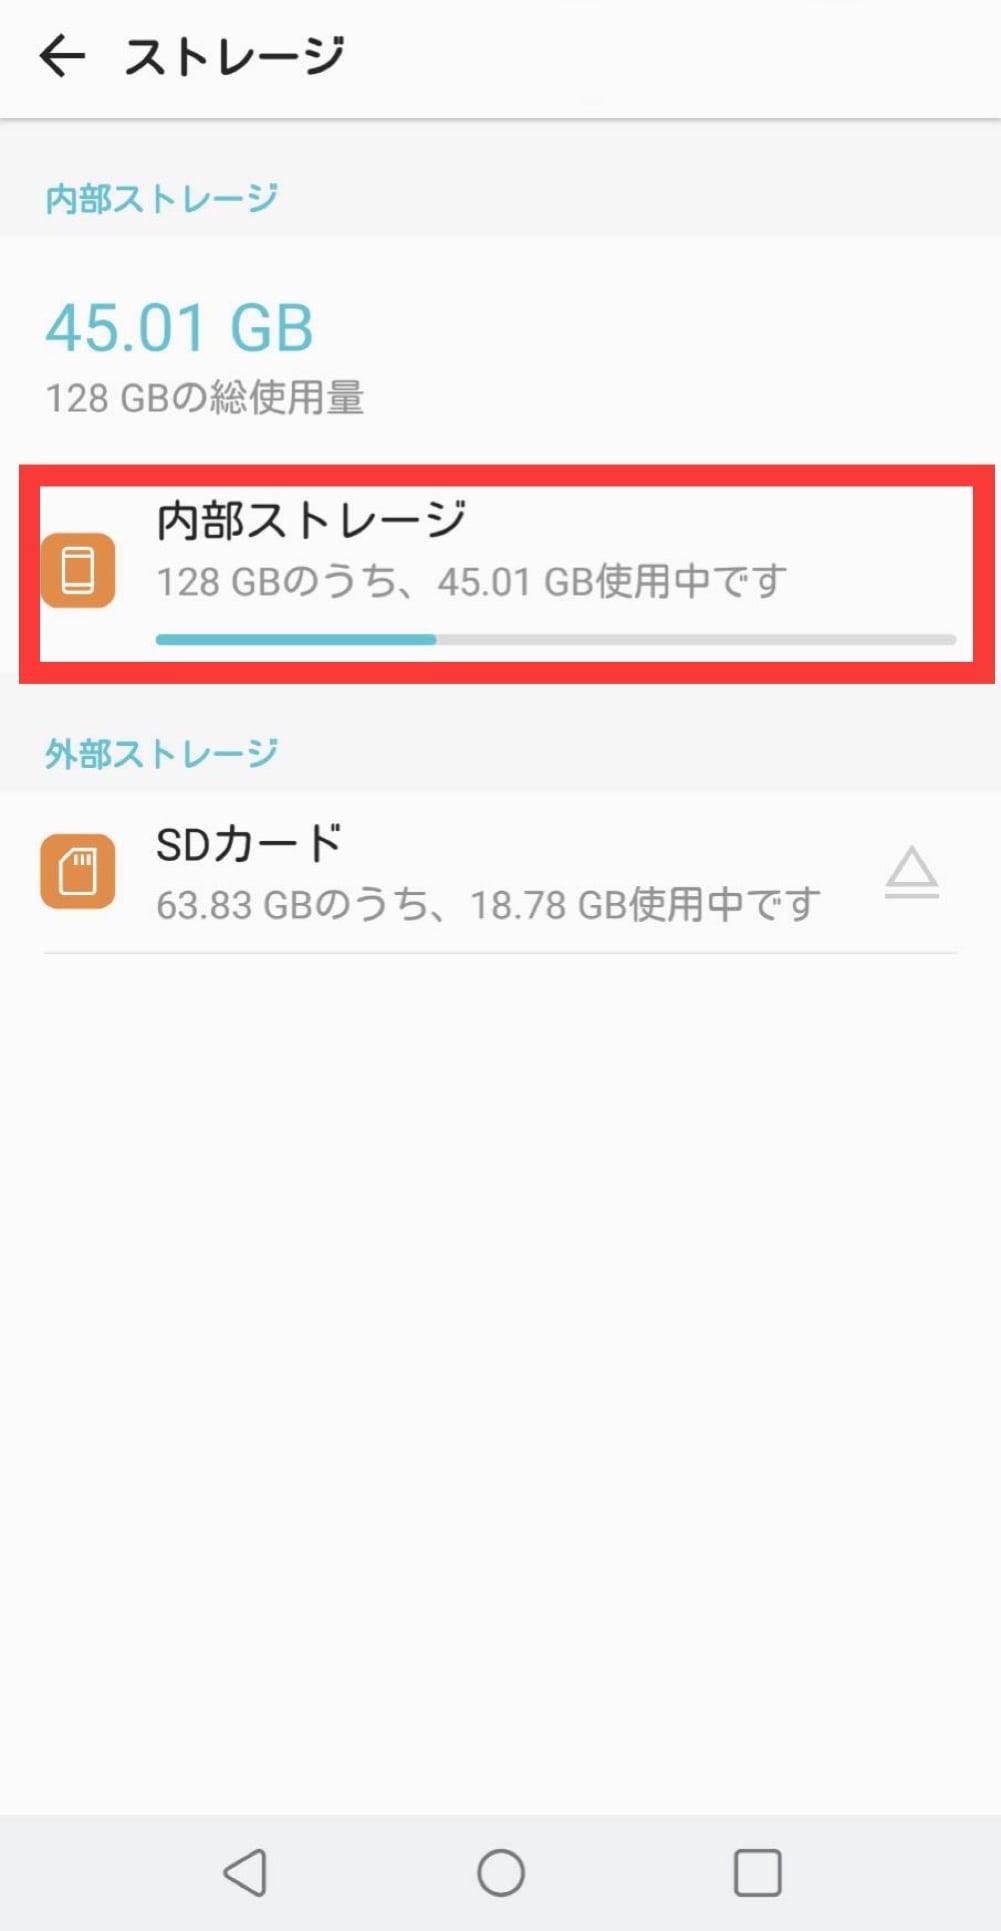 Android内部ストレージ